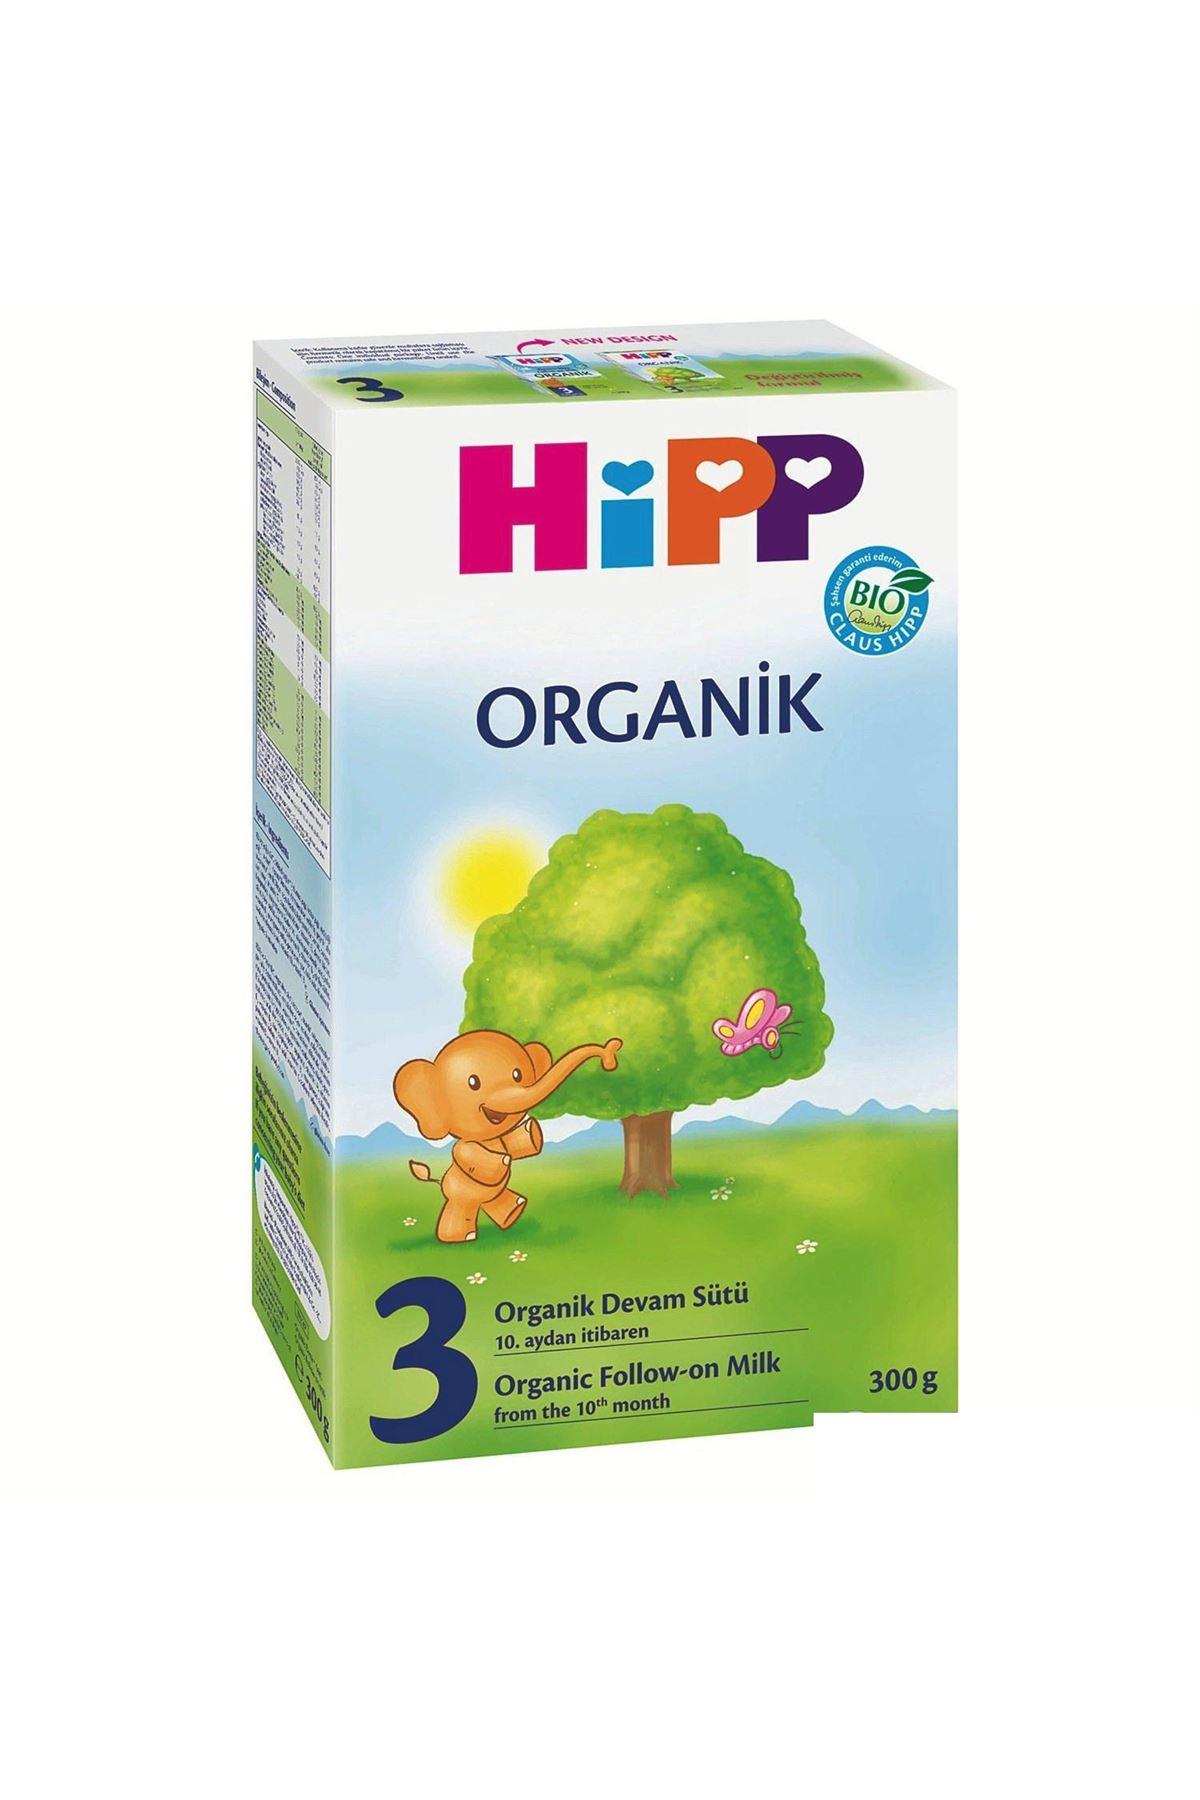 Hipp 3 Organik Bebek Formülü 300 Gr